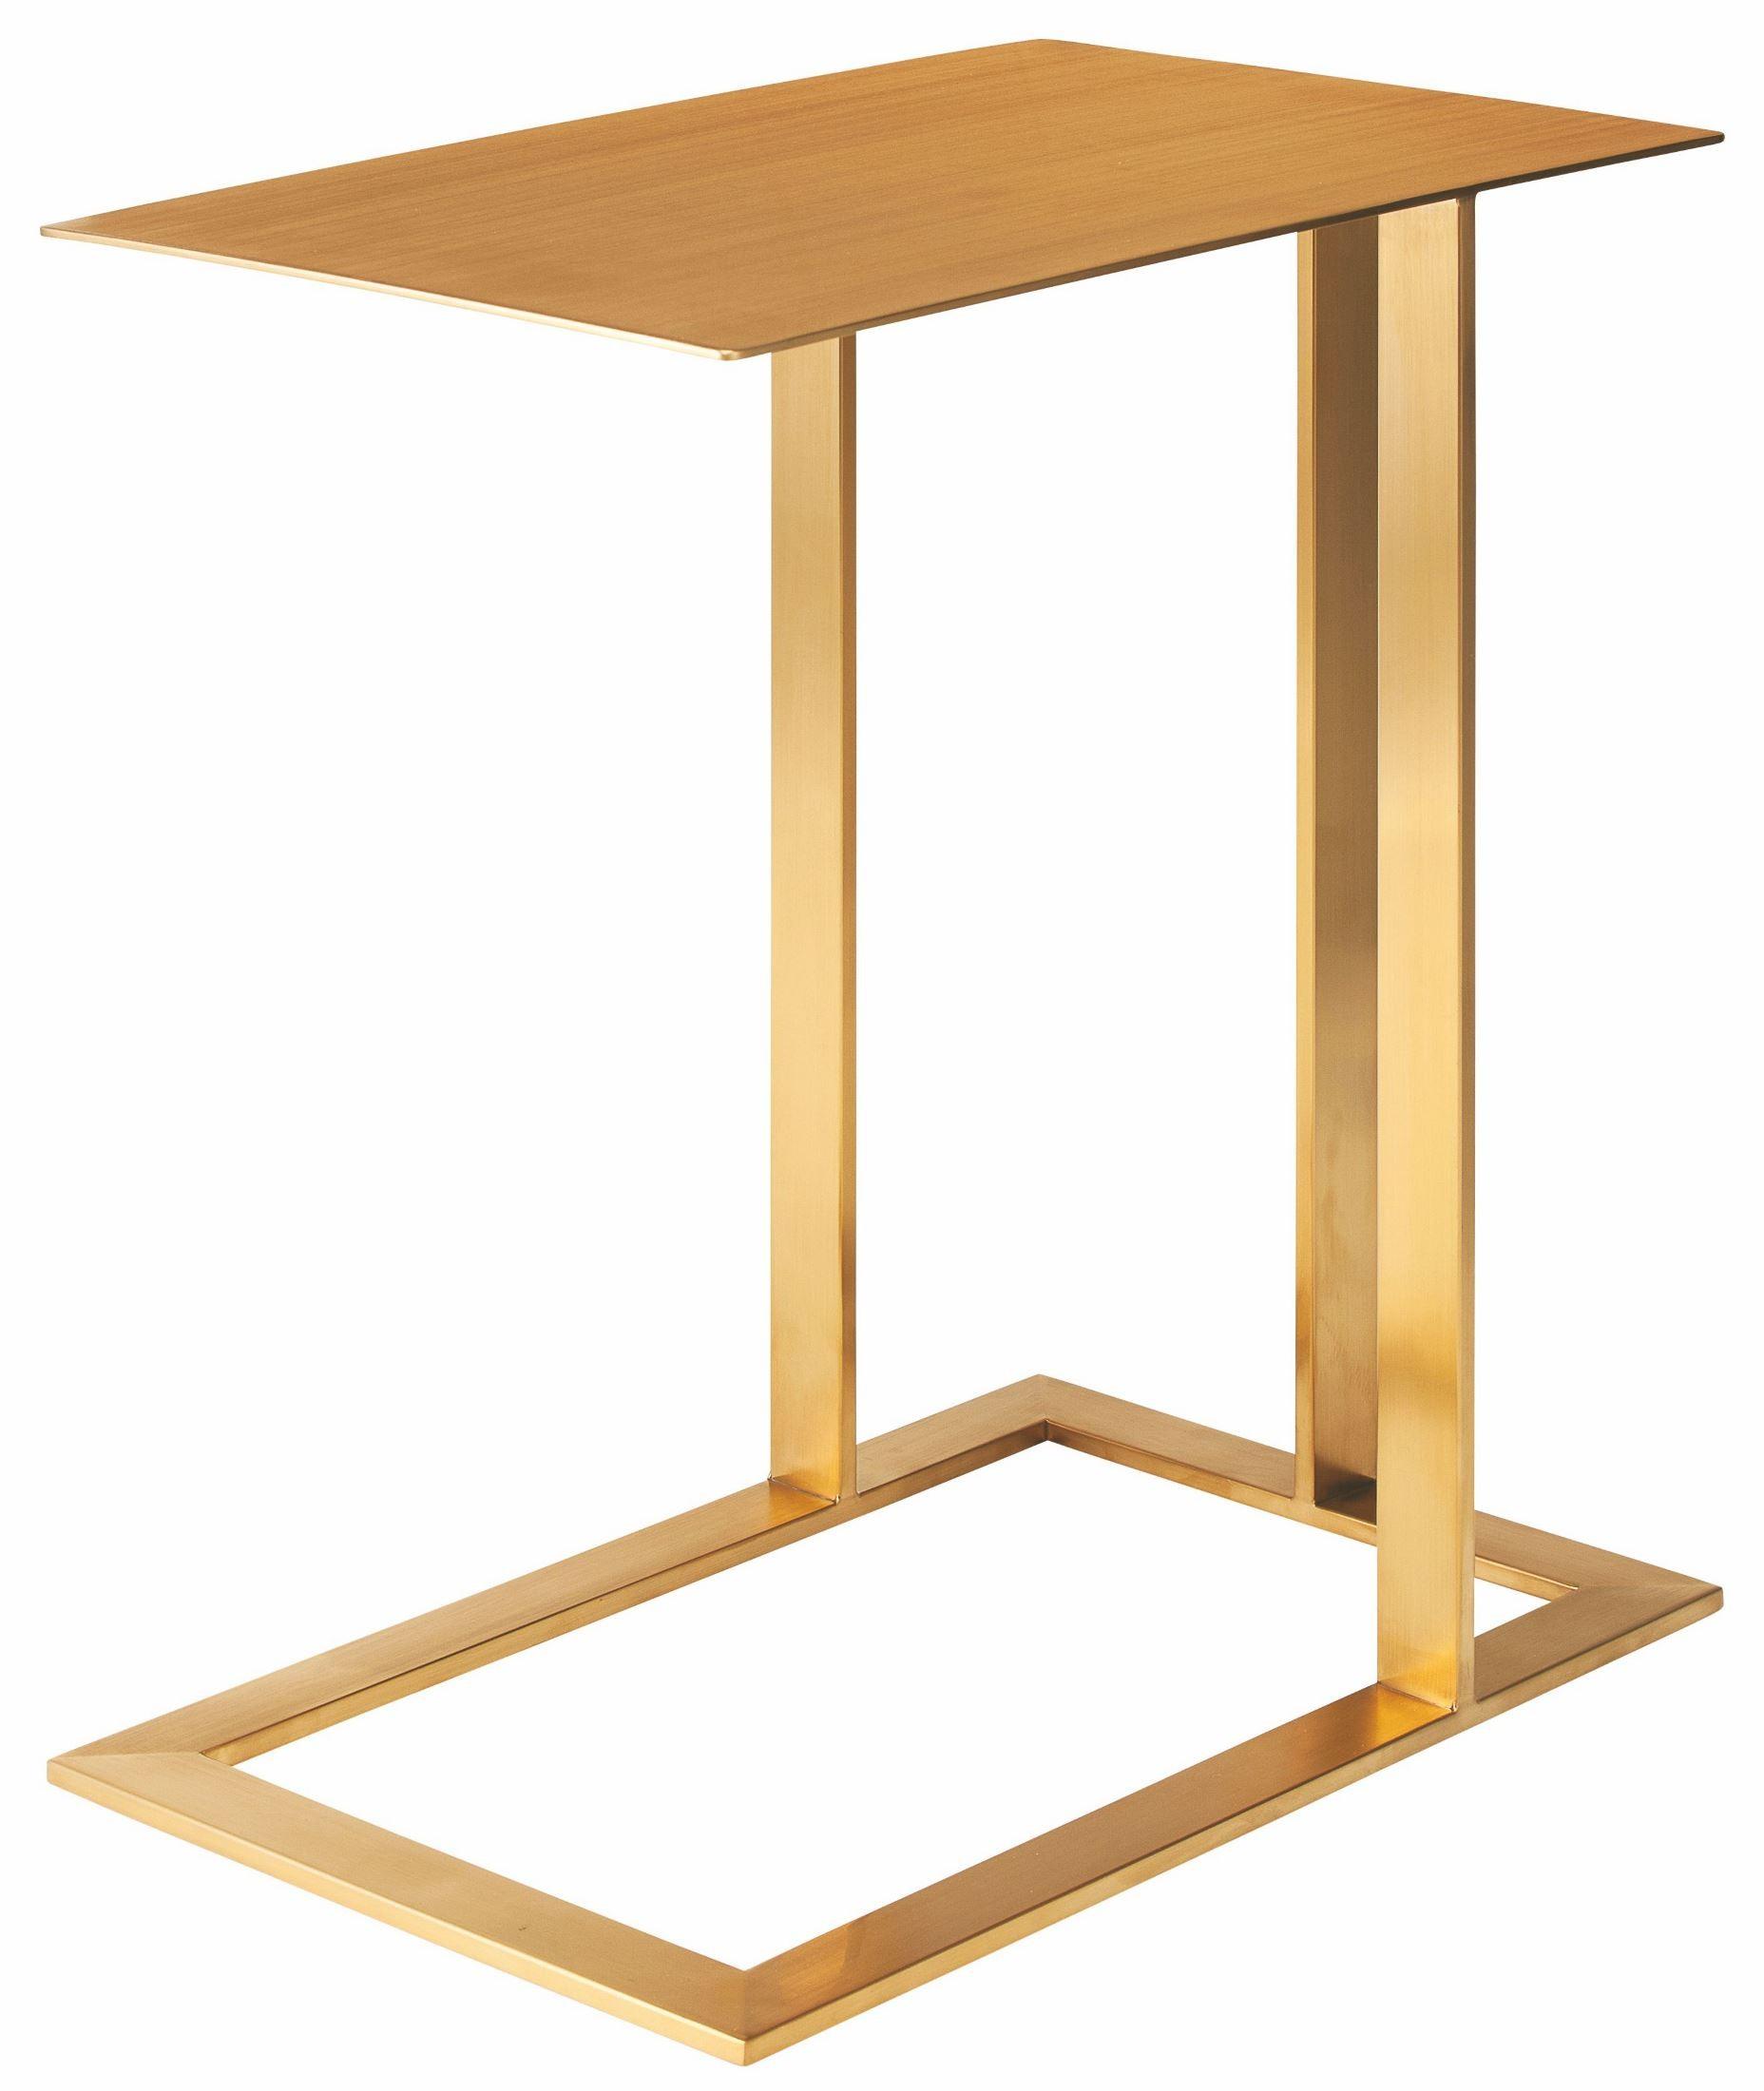 celine gold metal side table from nuevo coleman furniture. Black Bedroom Furniture Sets. Home Design Ideas